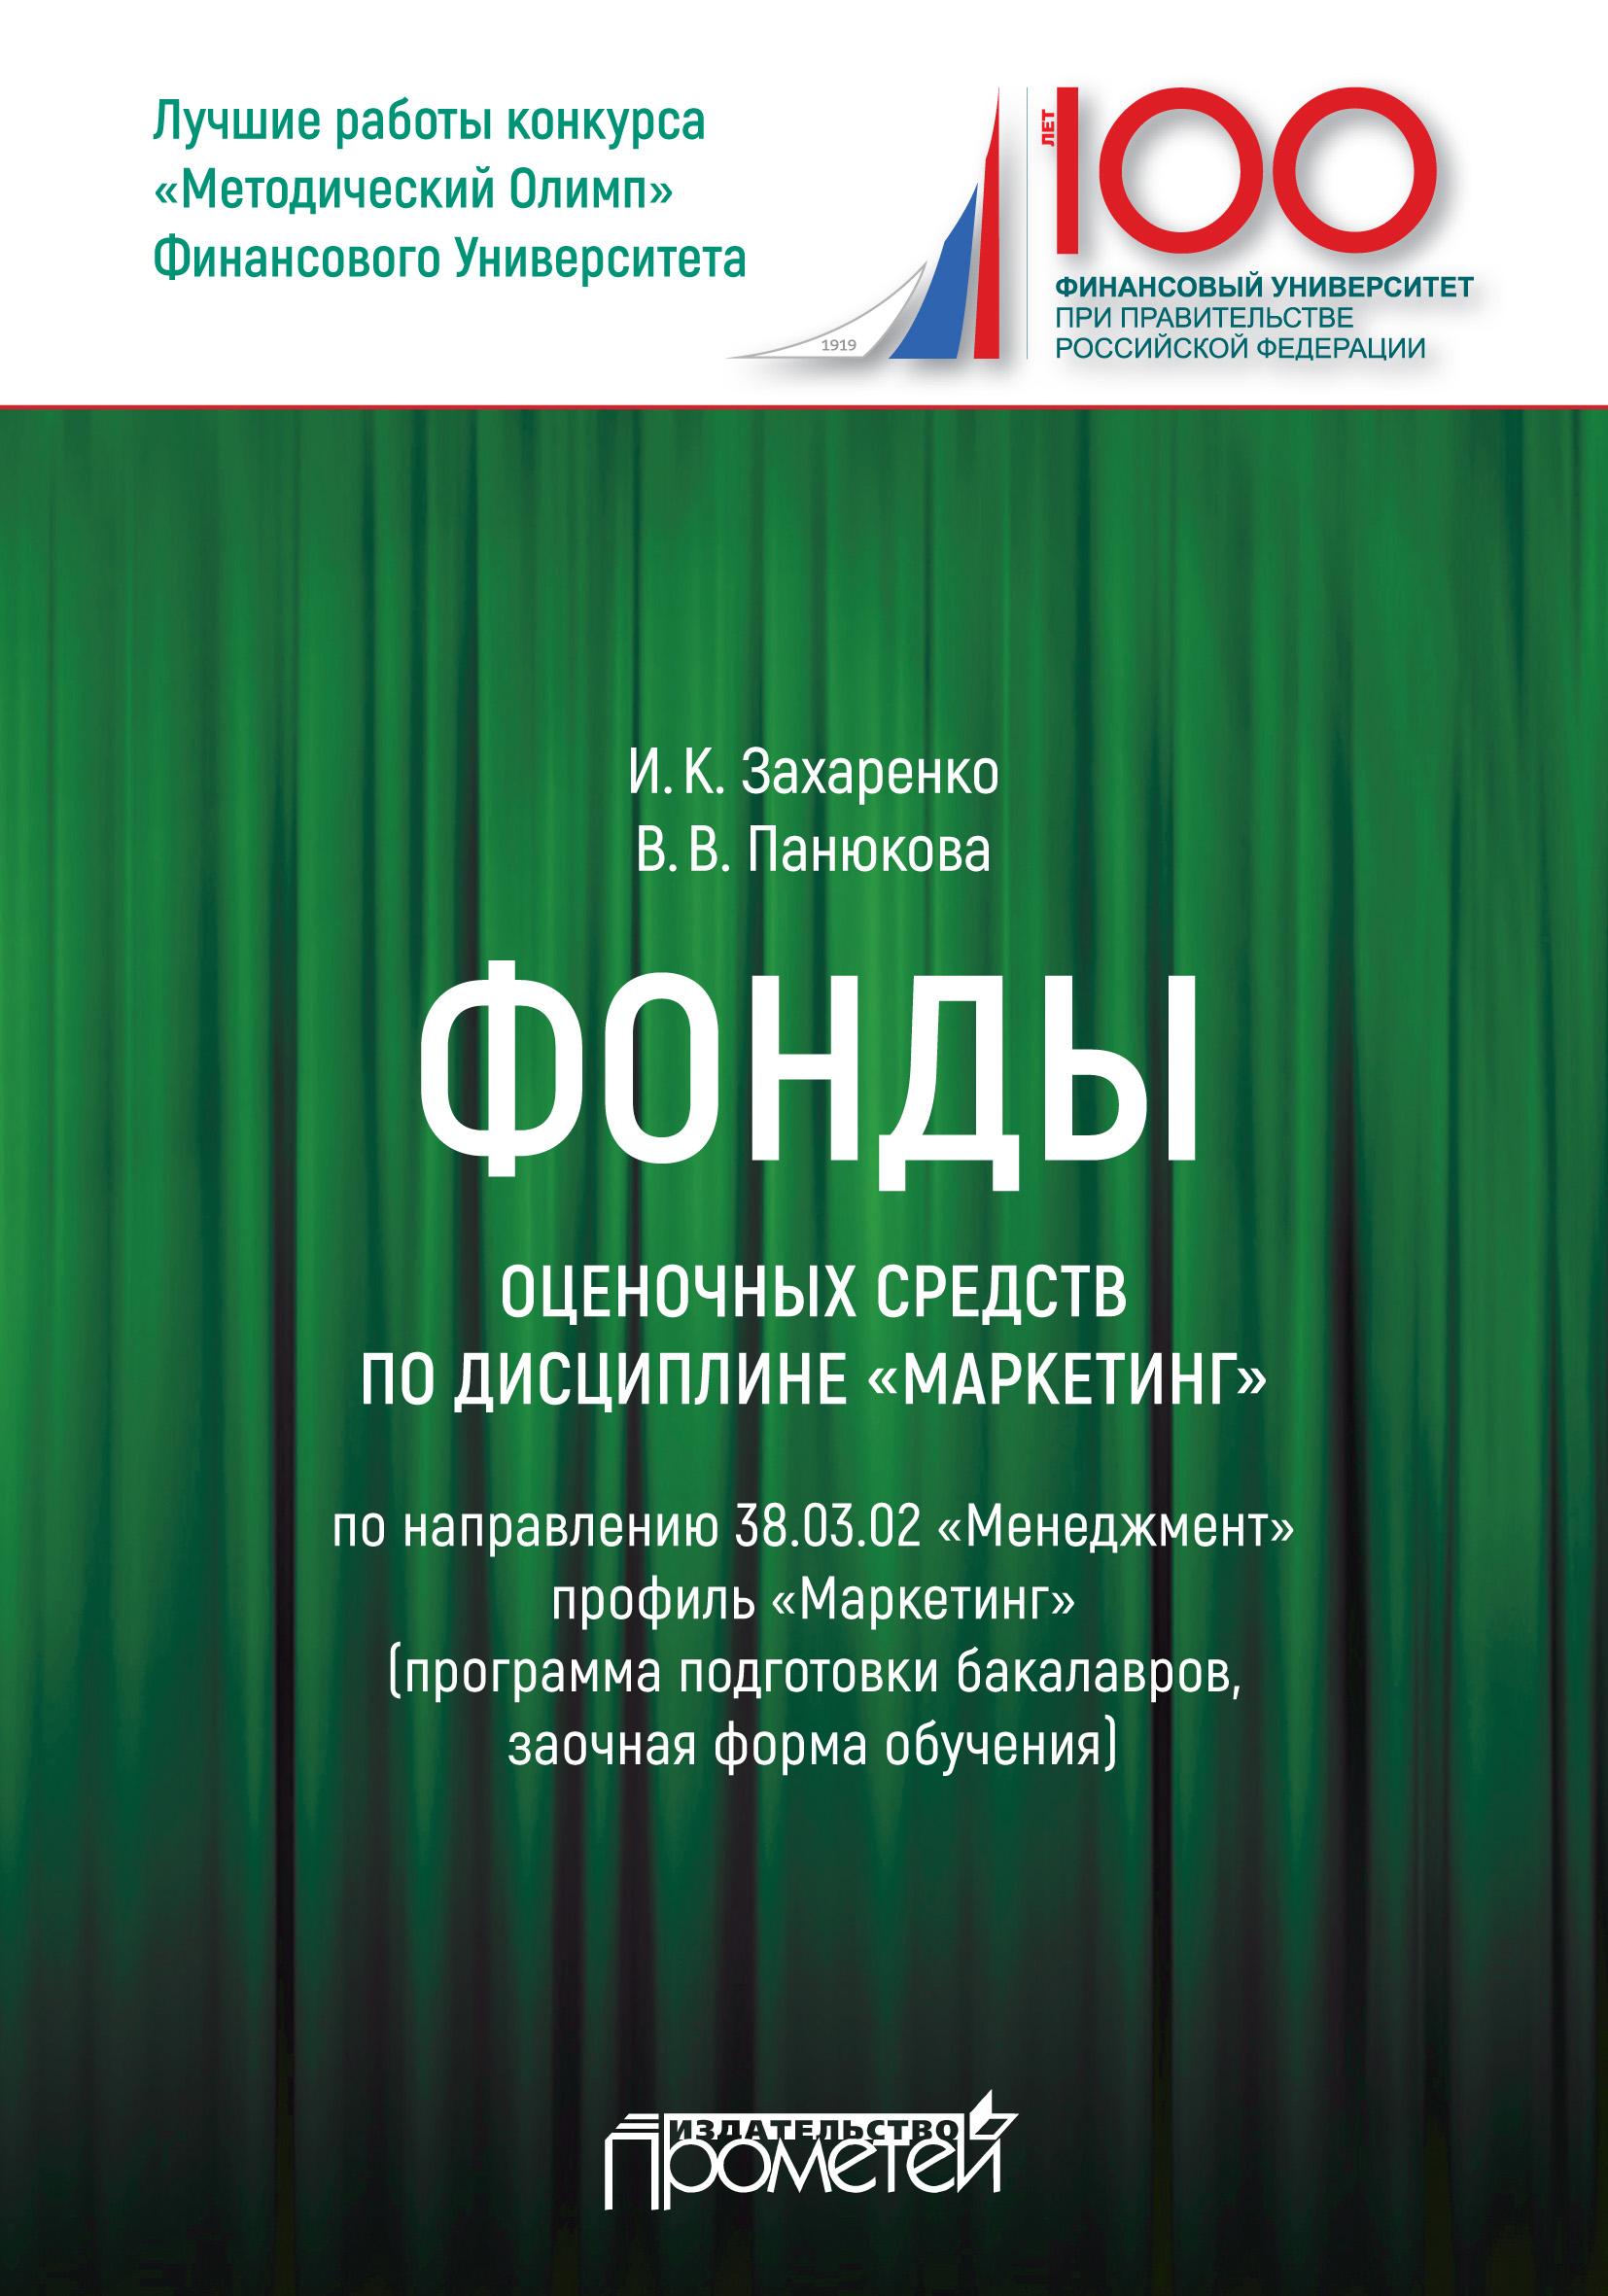 И. К. Захаренко Фонды оценочных средств по дисциплине «Маркетинг»